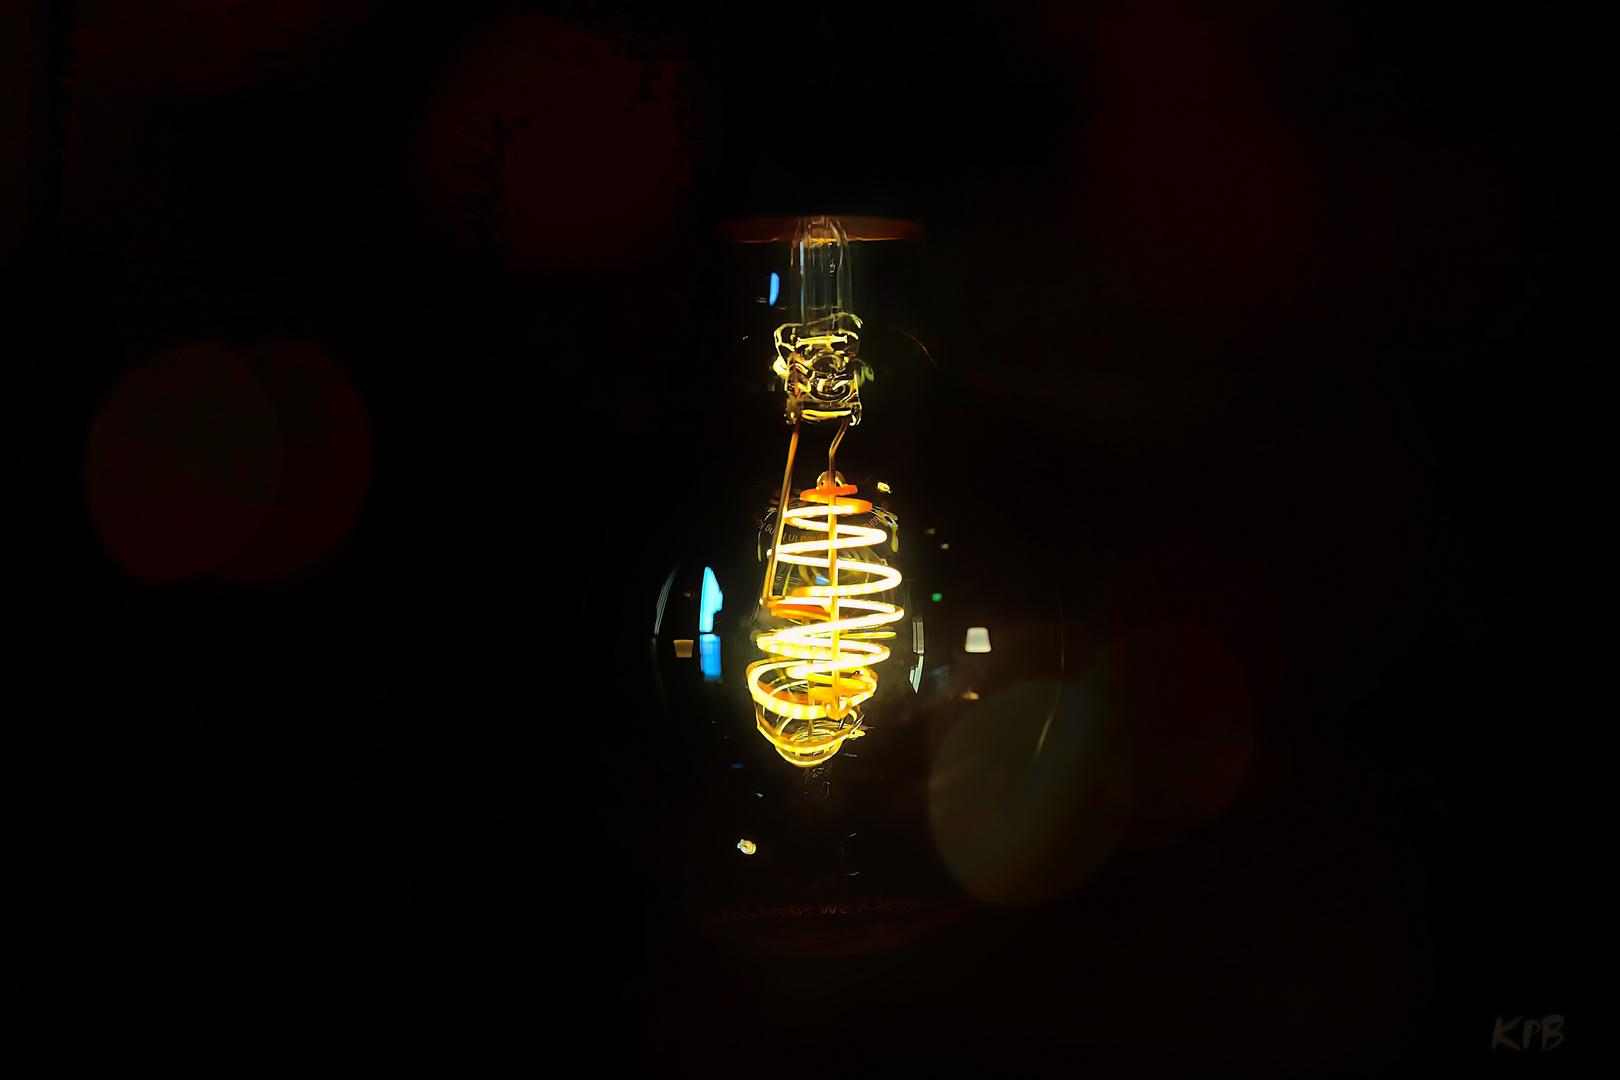 Dot Light Lampen : Glühbirne foto & bild lampen und leuchten alltagsdesign red dot